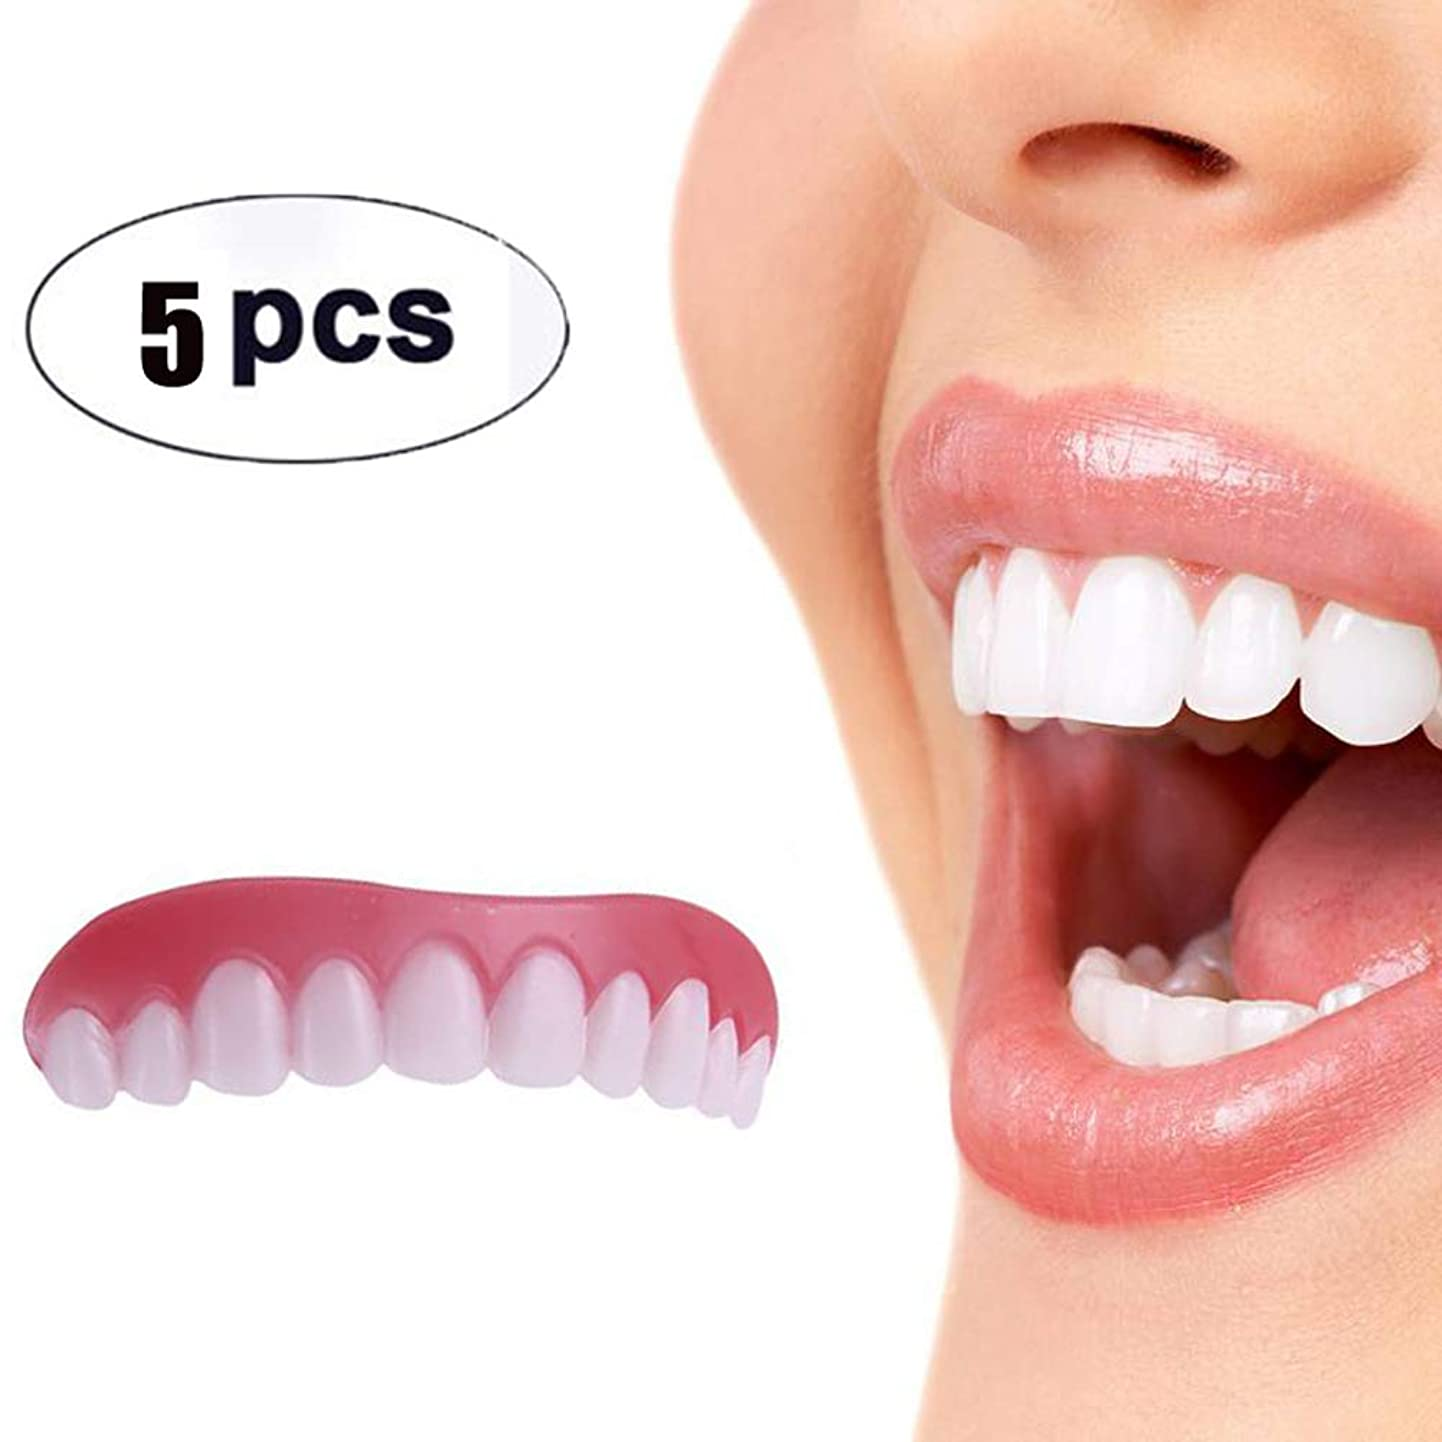 グリル全体安定5枚の歯科用化粧板が歯の化粧化粧板の上部にぴったり合うサイズがすべての義歯の接着剤の歯に似ています偽の歯の笑顔